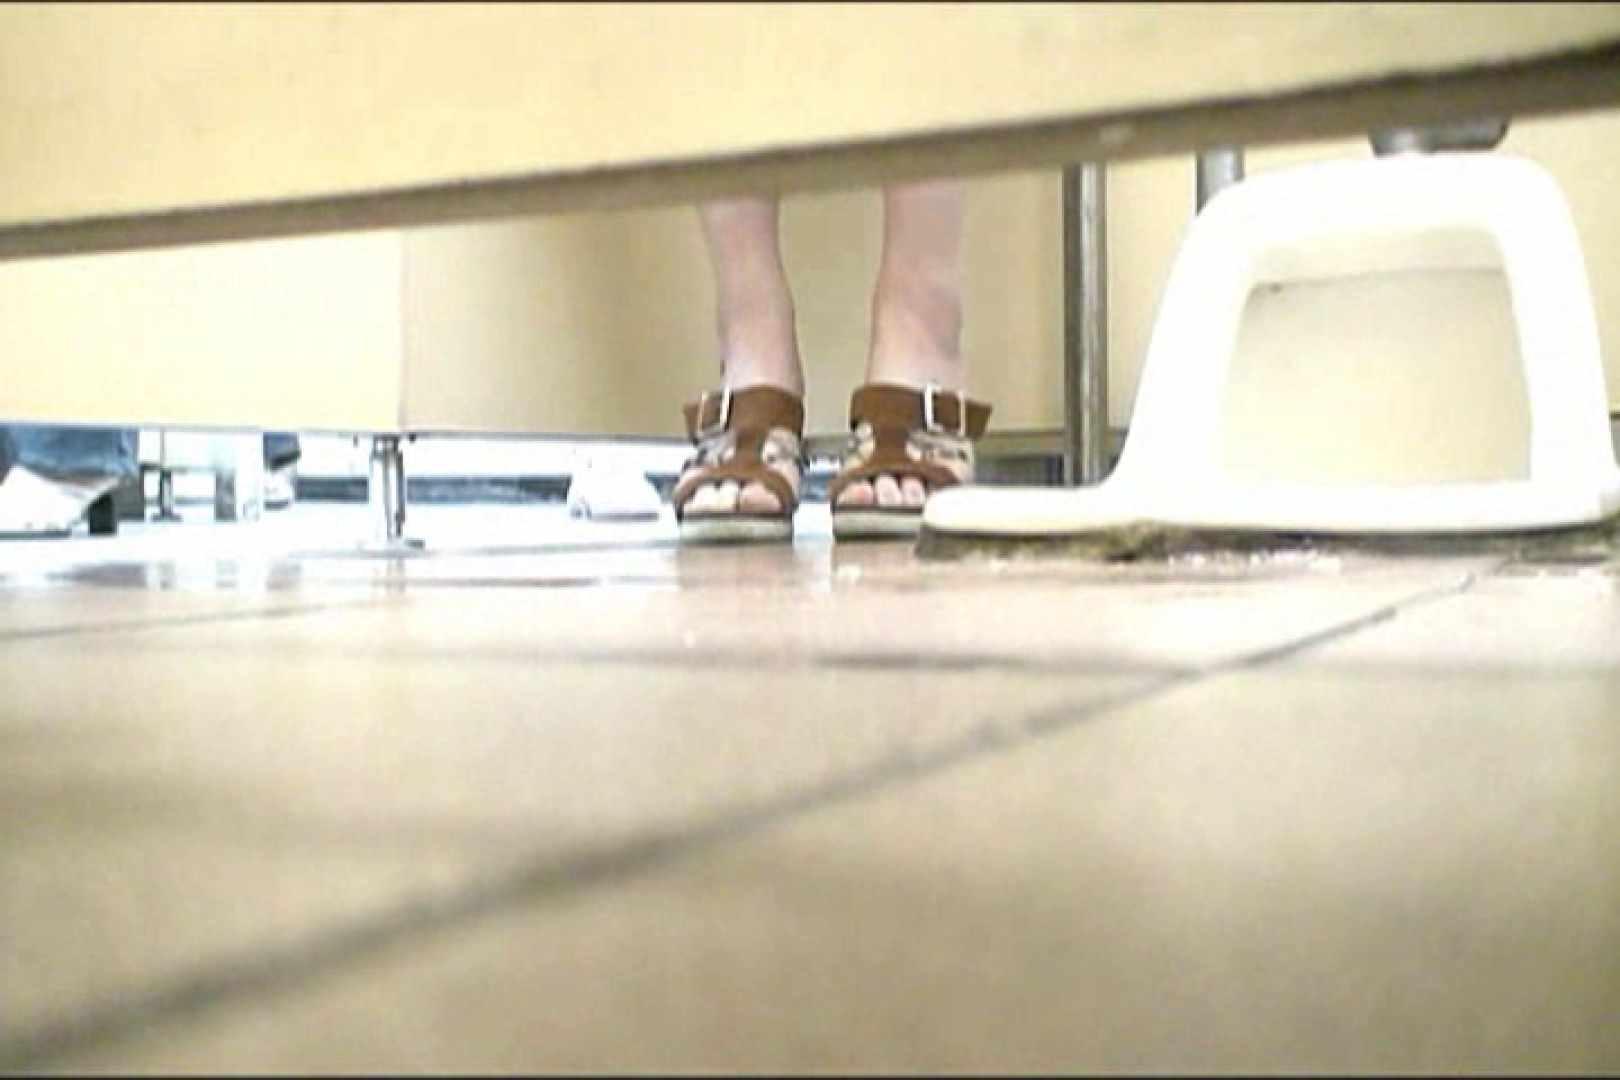 マンコ丸見え女子洗面所Vol.18 小悪魔ギャル 隠し撮りオマンコ動画紹介 105連発 102